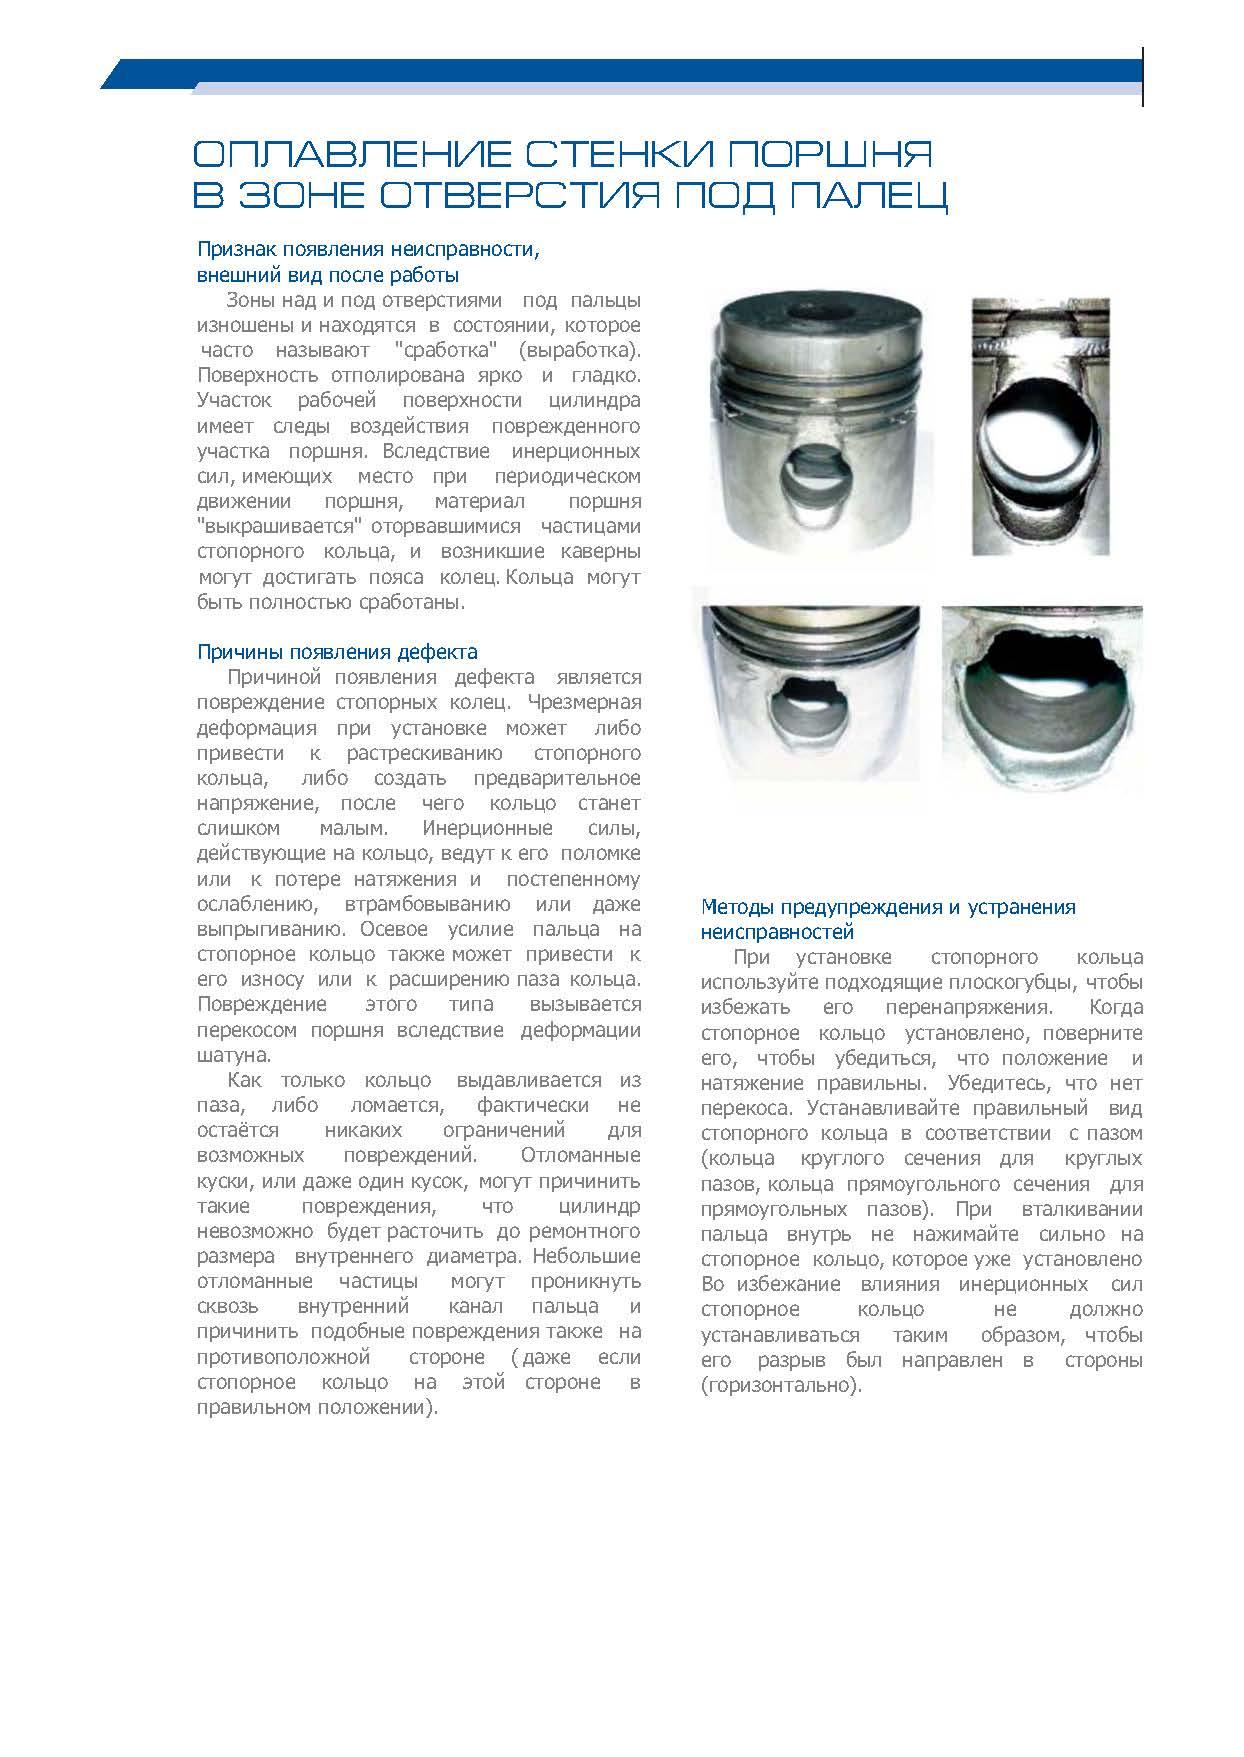 Поршень двигателя: конструкция, функции, причины износа и способы его предотвращения